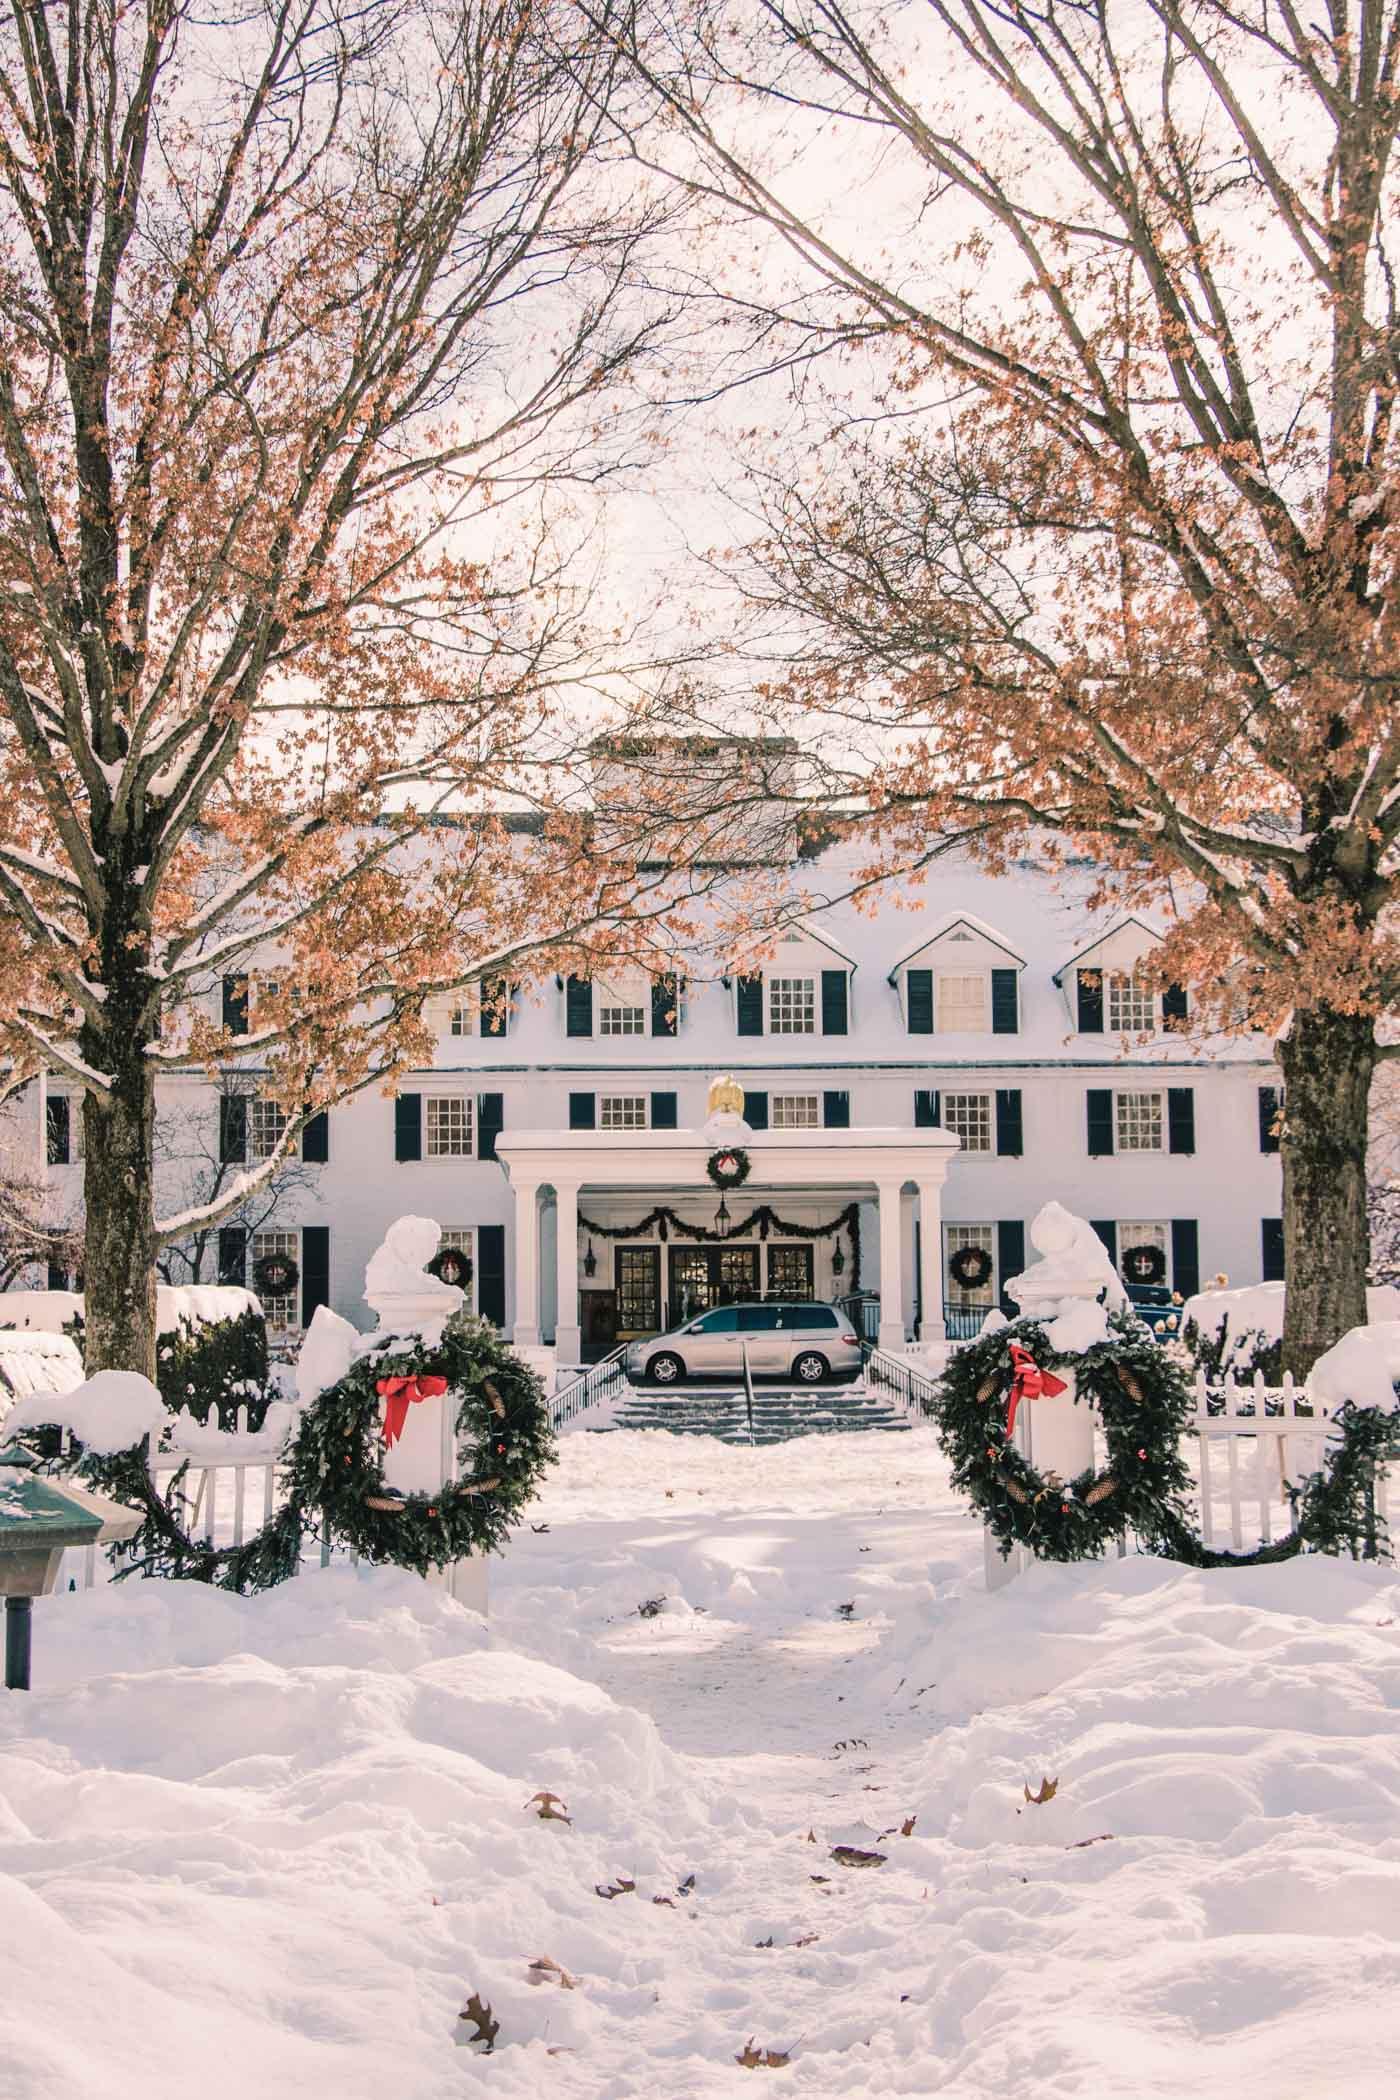 Woodstock Inn & Resort in the Winter, Vermont - Simply Lovebirds